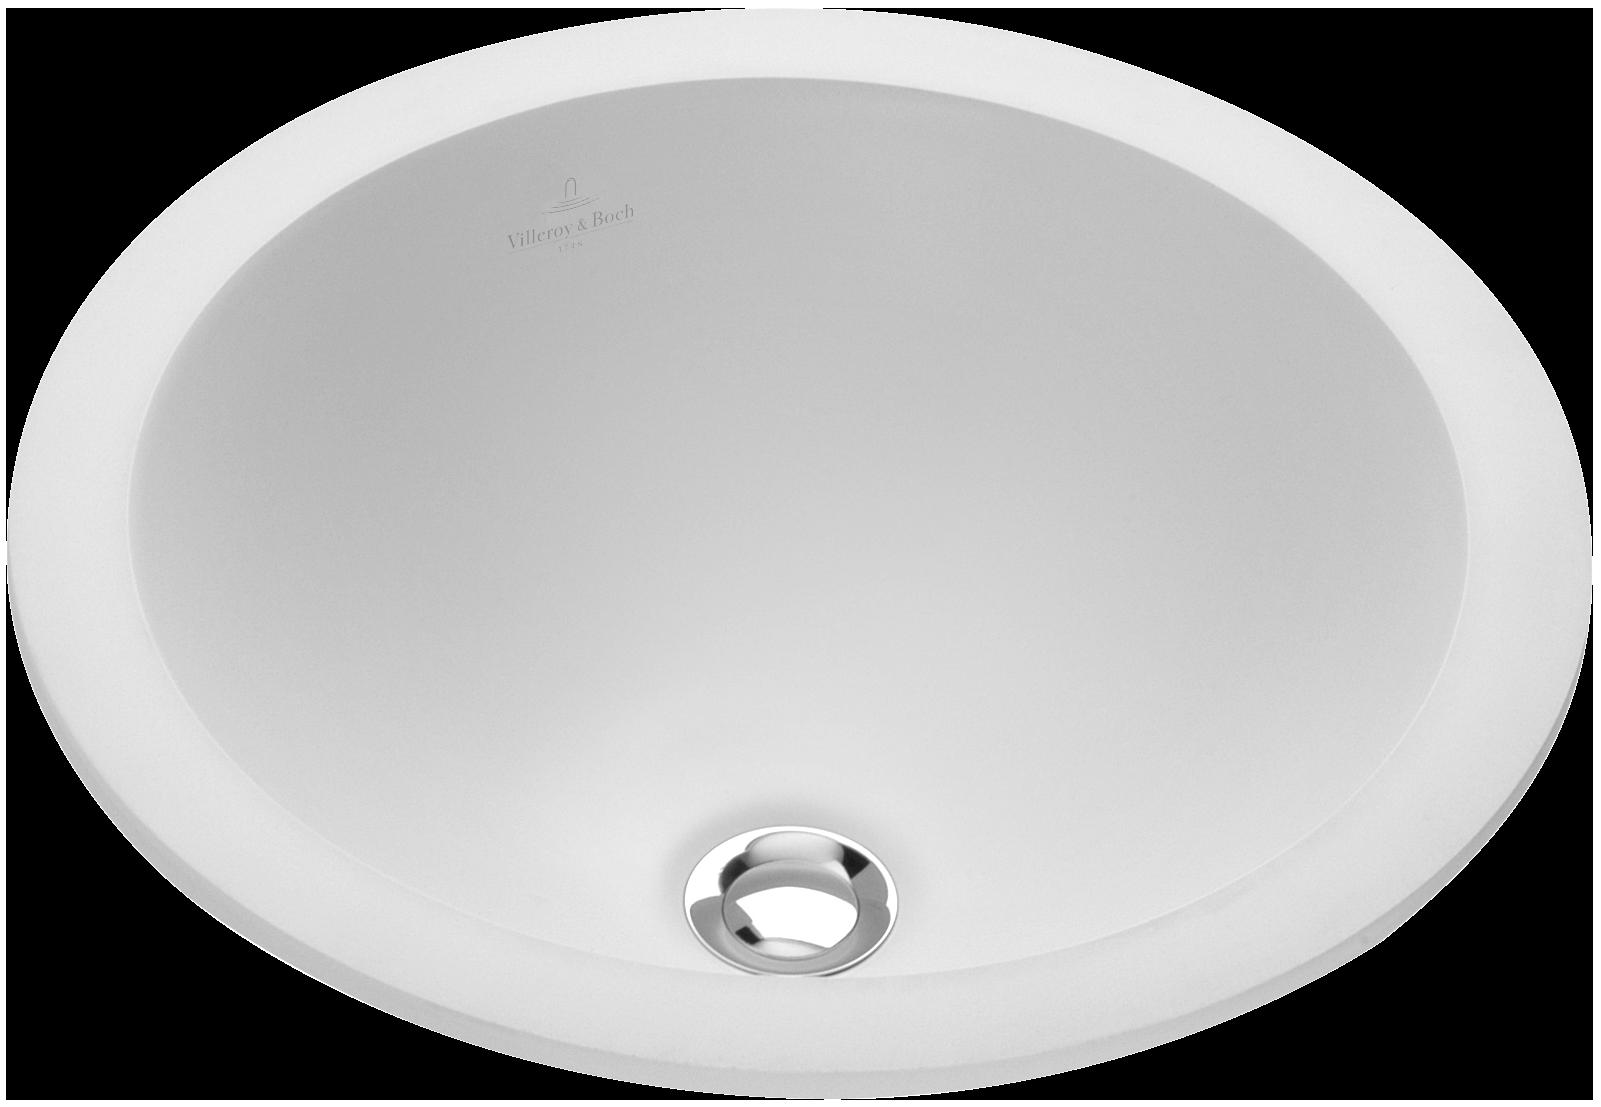 Waschbecken rund einbau  Loop & Friends Einbauwaschtisch Rund 614039 - Villeroy & Boch